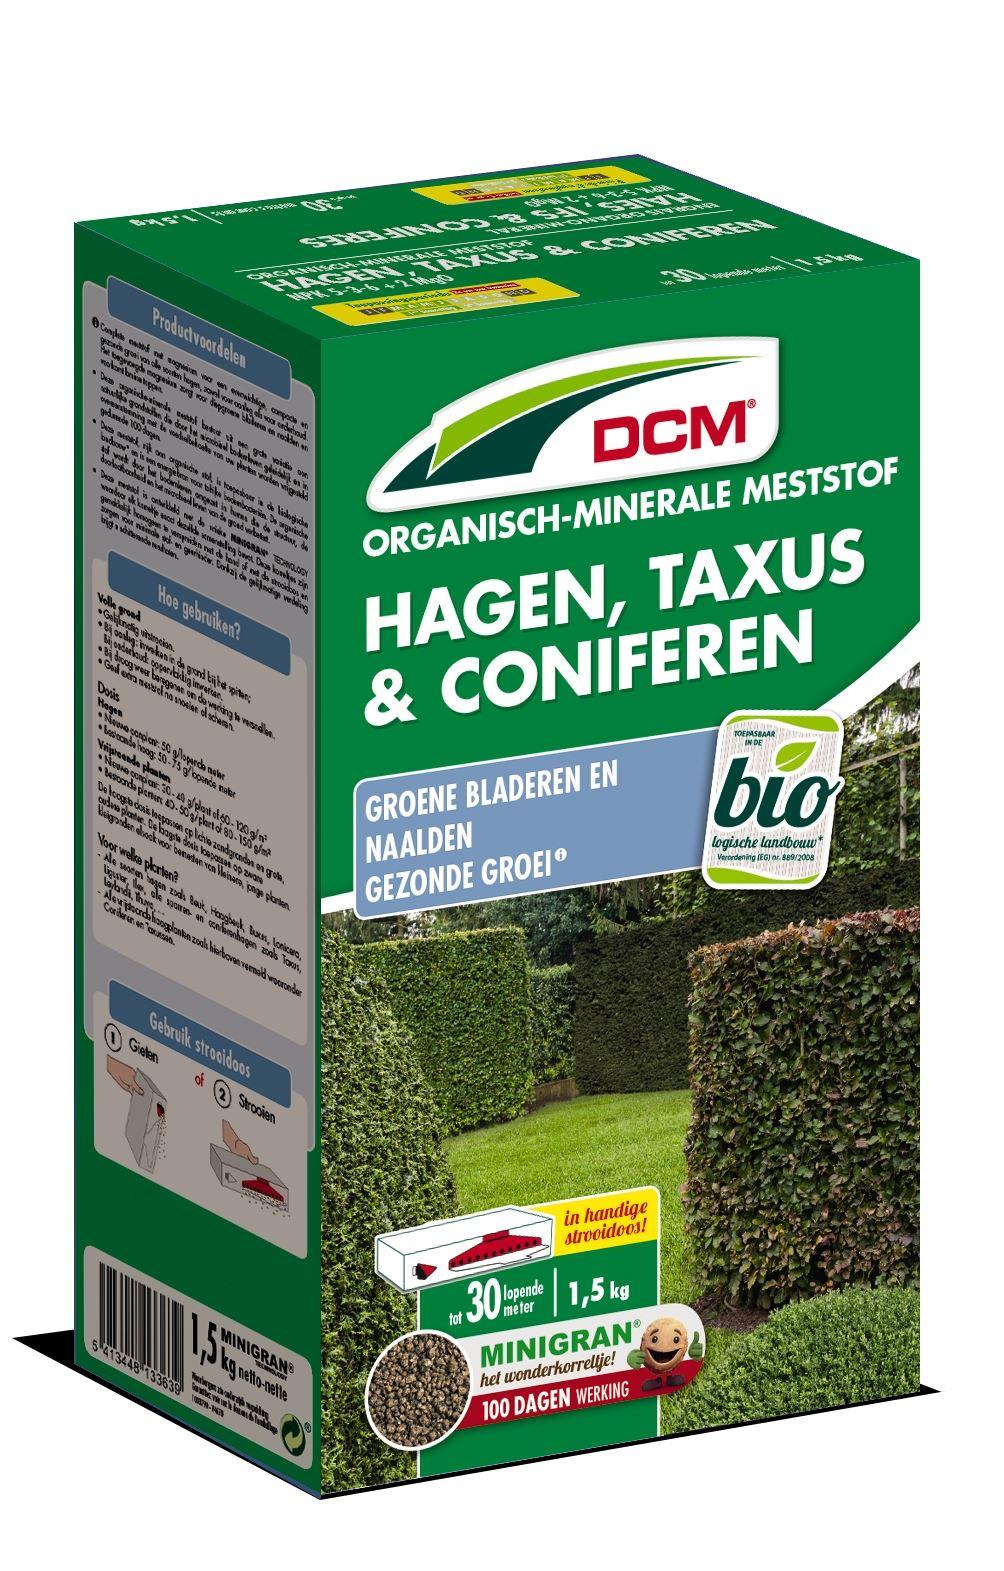 Meststof-hagen-taxus-coniferen-1-5kg-Bio-NPK-5-3-6-2MgO